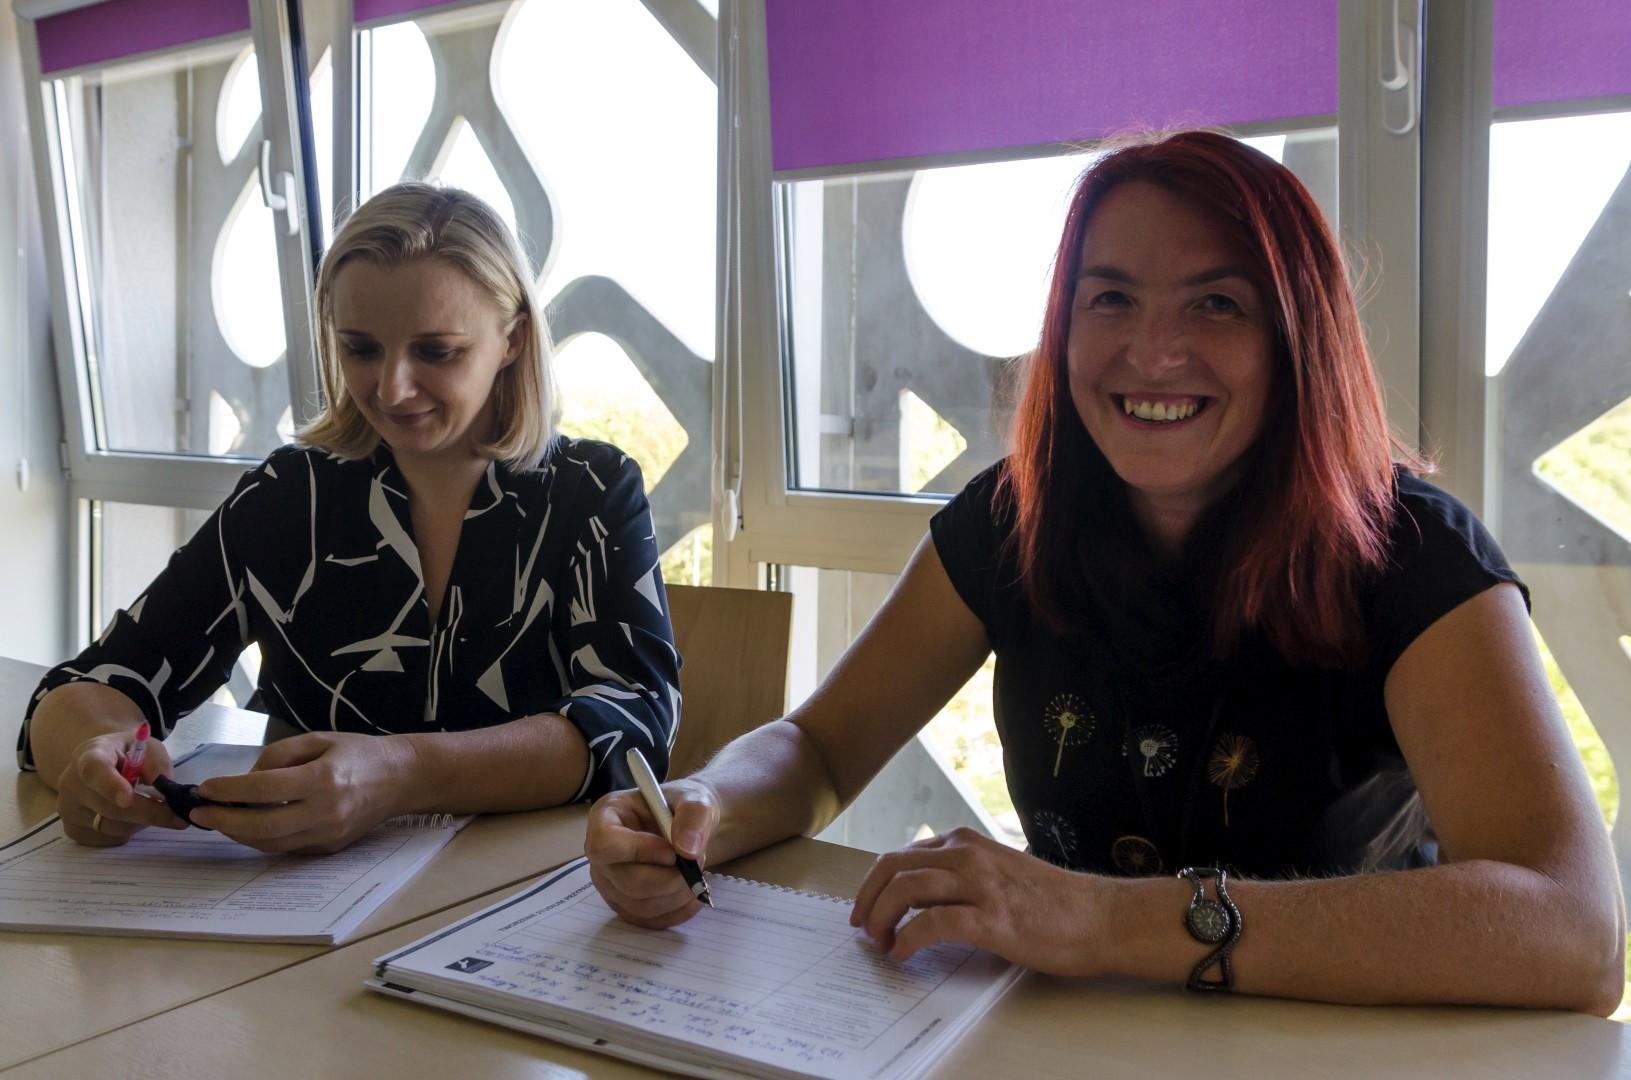 Dwie uczestniczki szkolenia siedzą przy biurku. Na biurku leża materiały szkoleniowe.